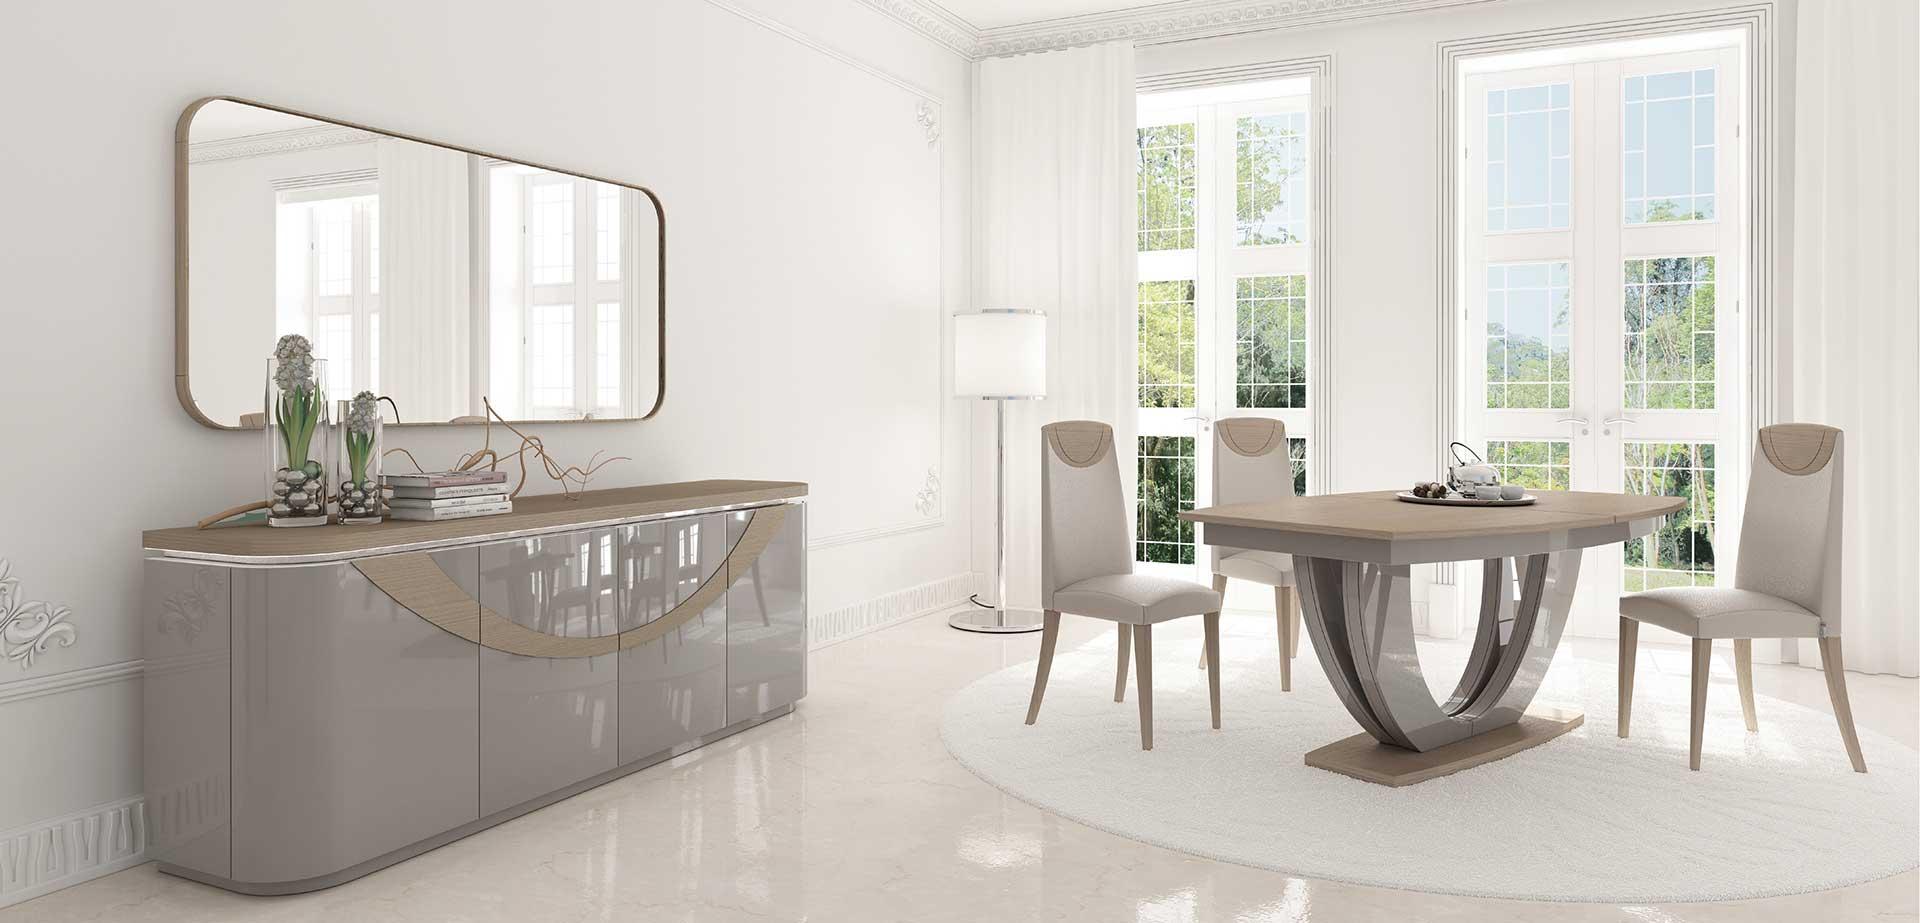 Sainte maxime meubles marinier cuisines et mobiliers s jour for But meuble sejour